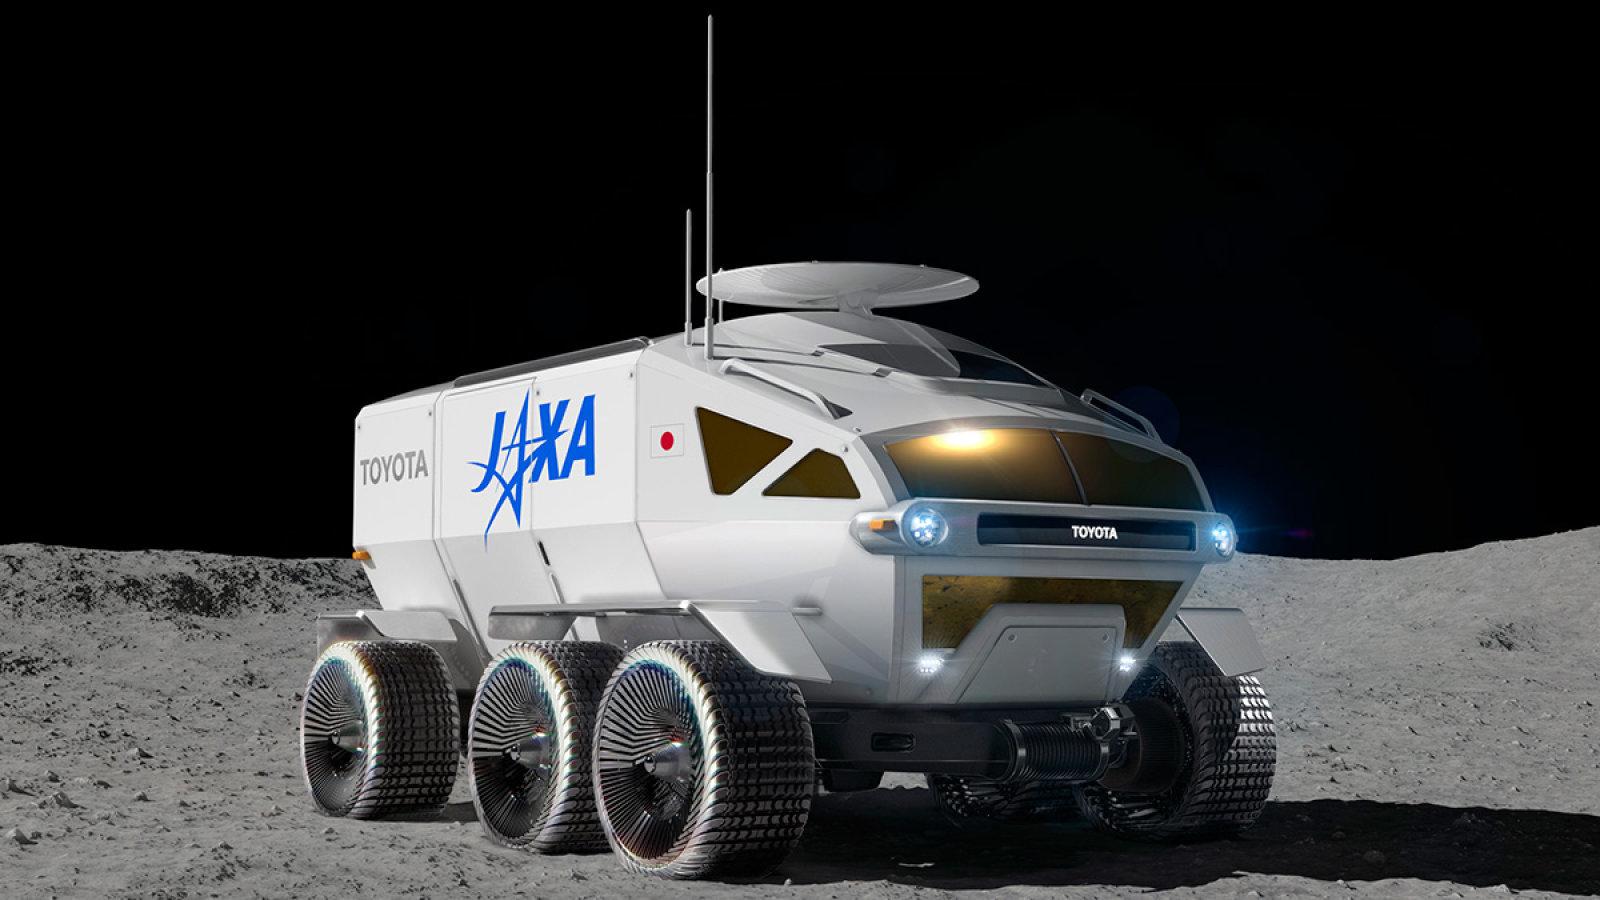 Toyota punta alla Luna: il nuovo rover lunare tutto giapponese thumbnail